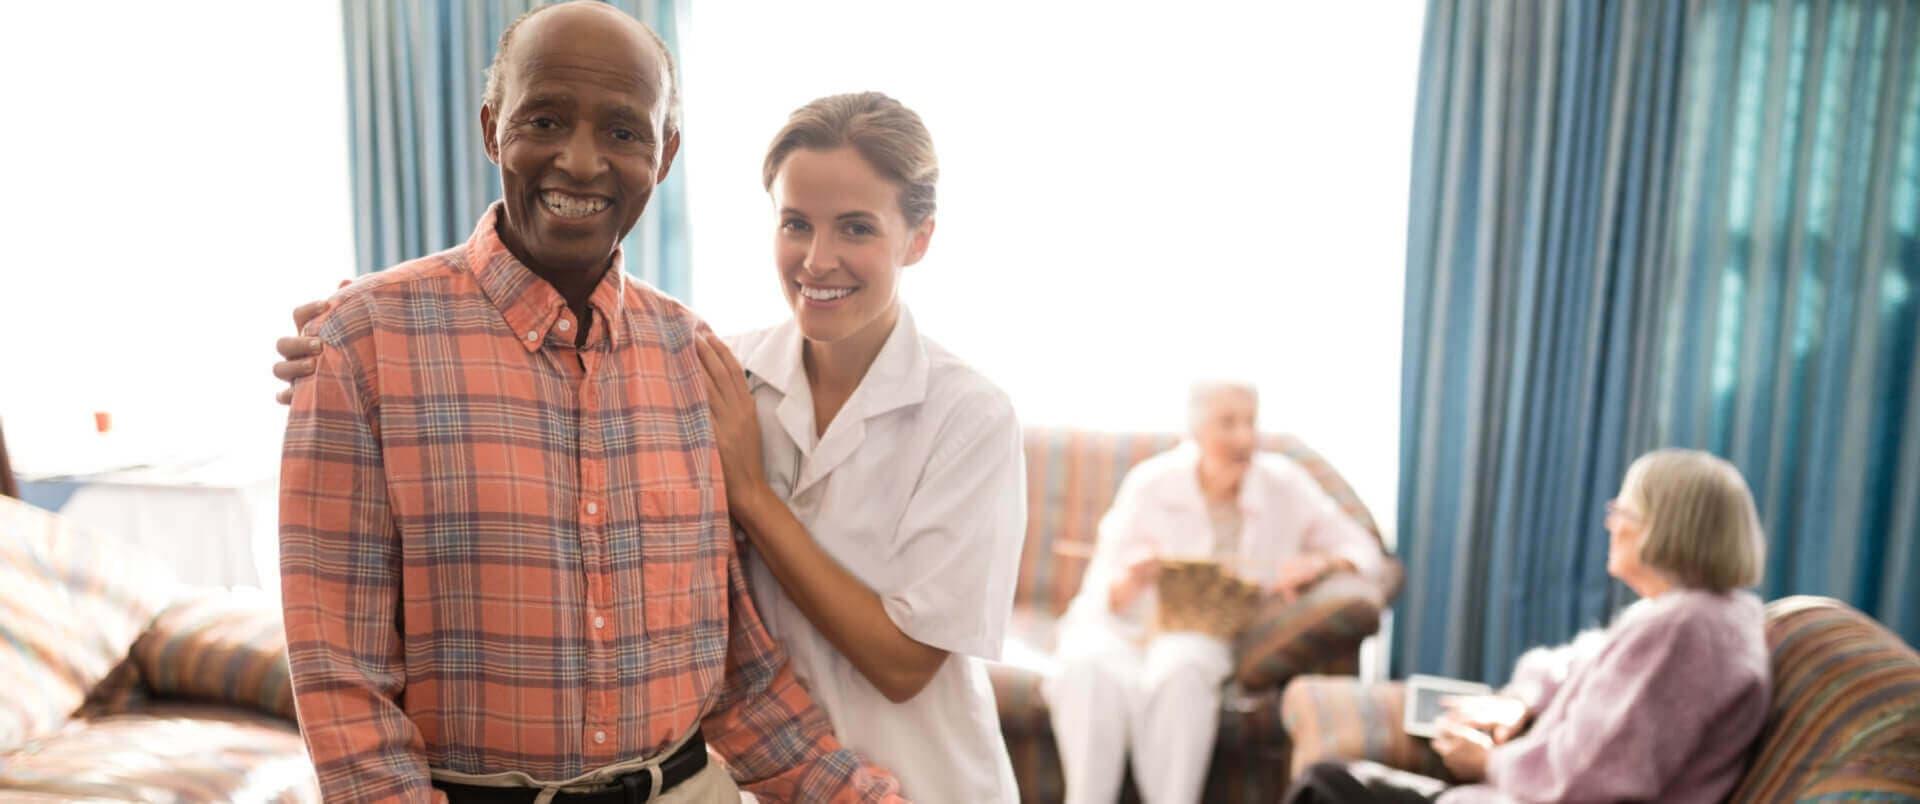 a senior man and a caregiver